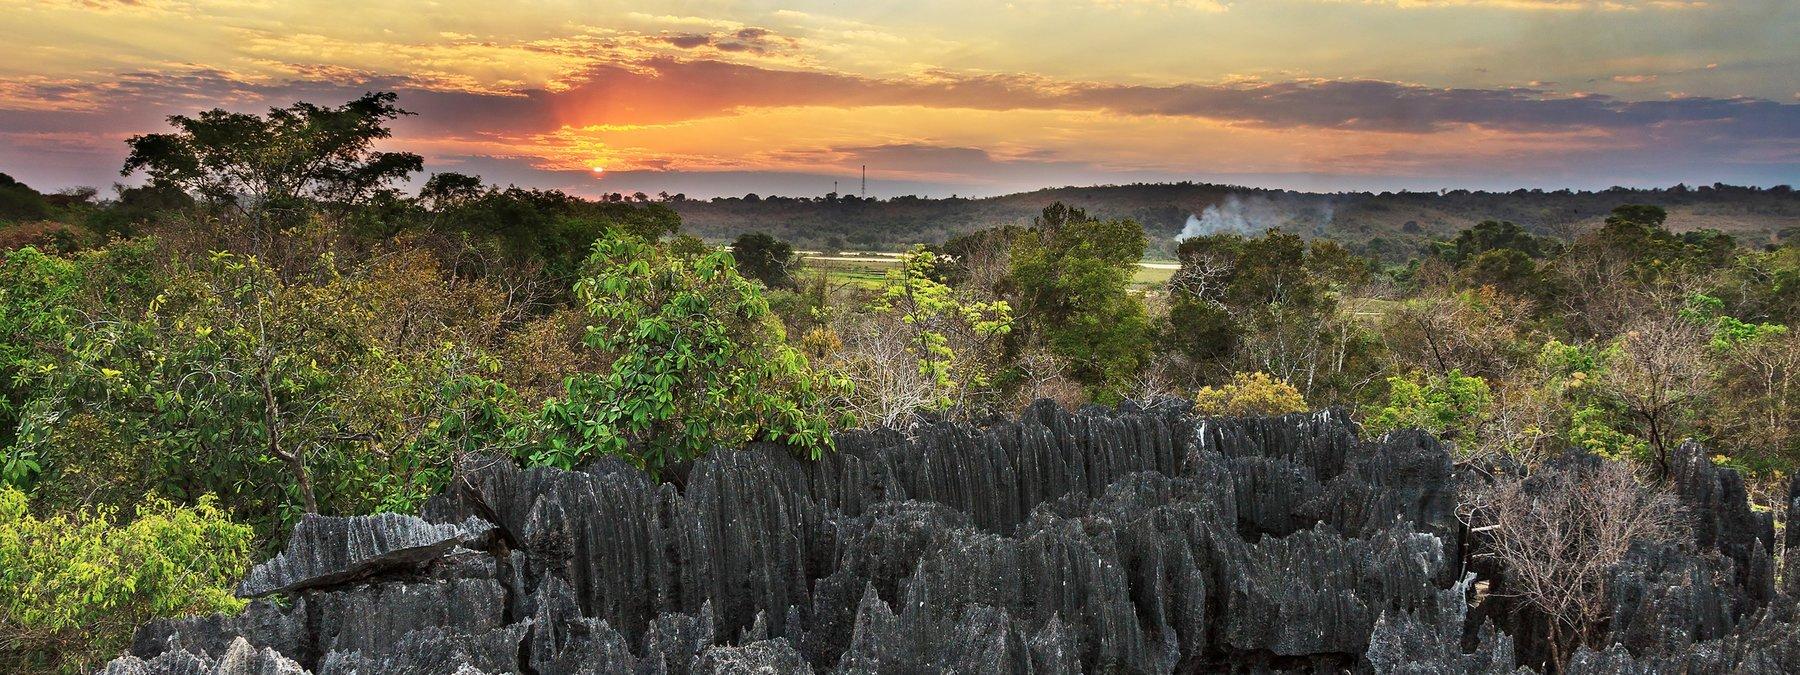 Die große Afrika-Herbstreise mit Inselträumen und wilder Tierwelt ...